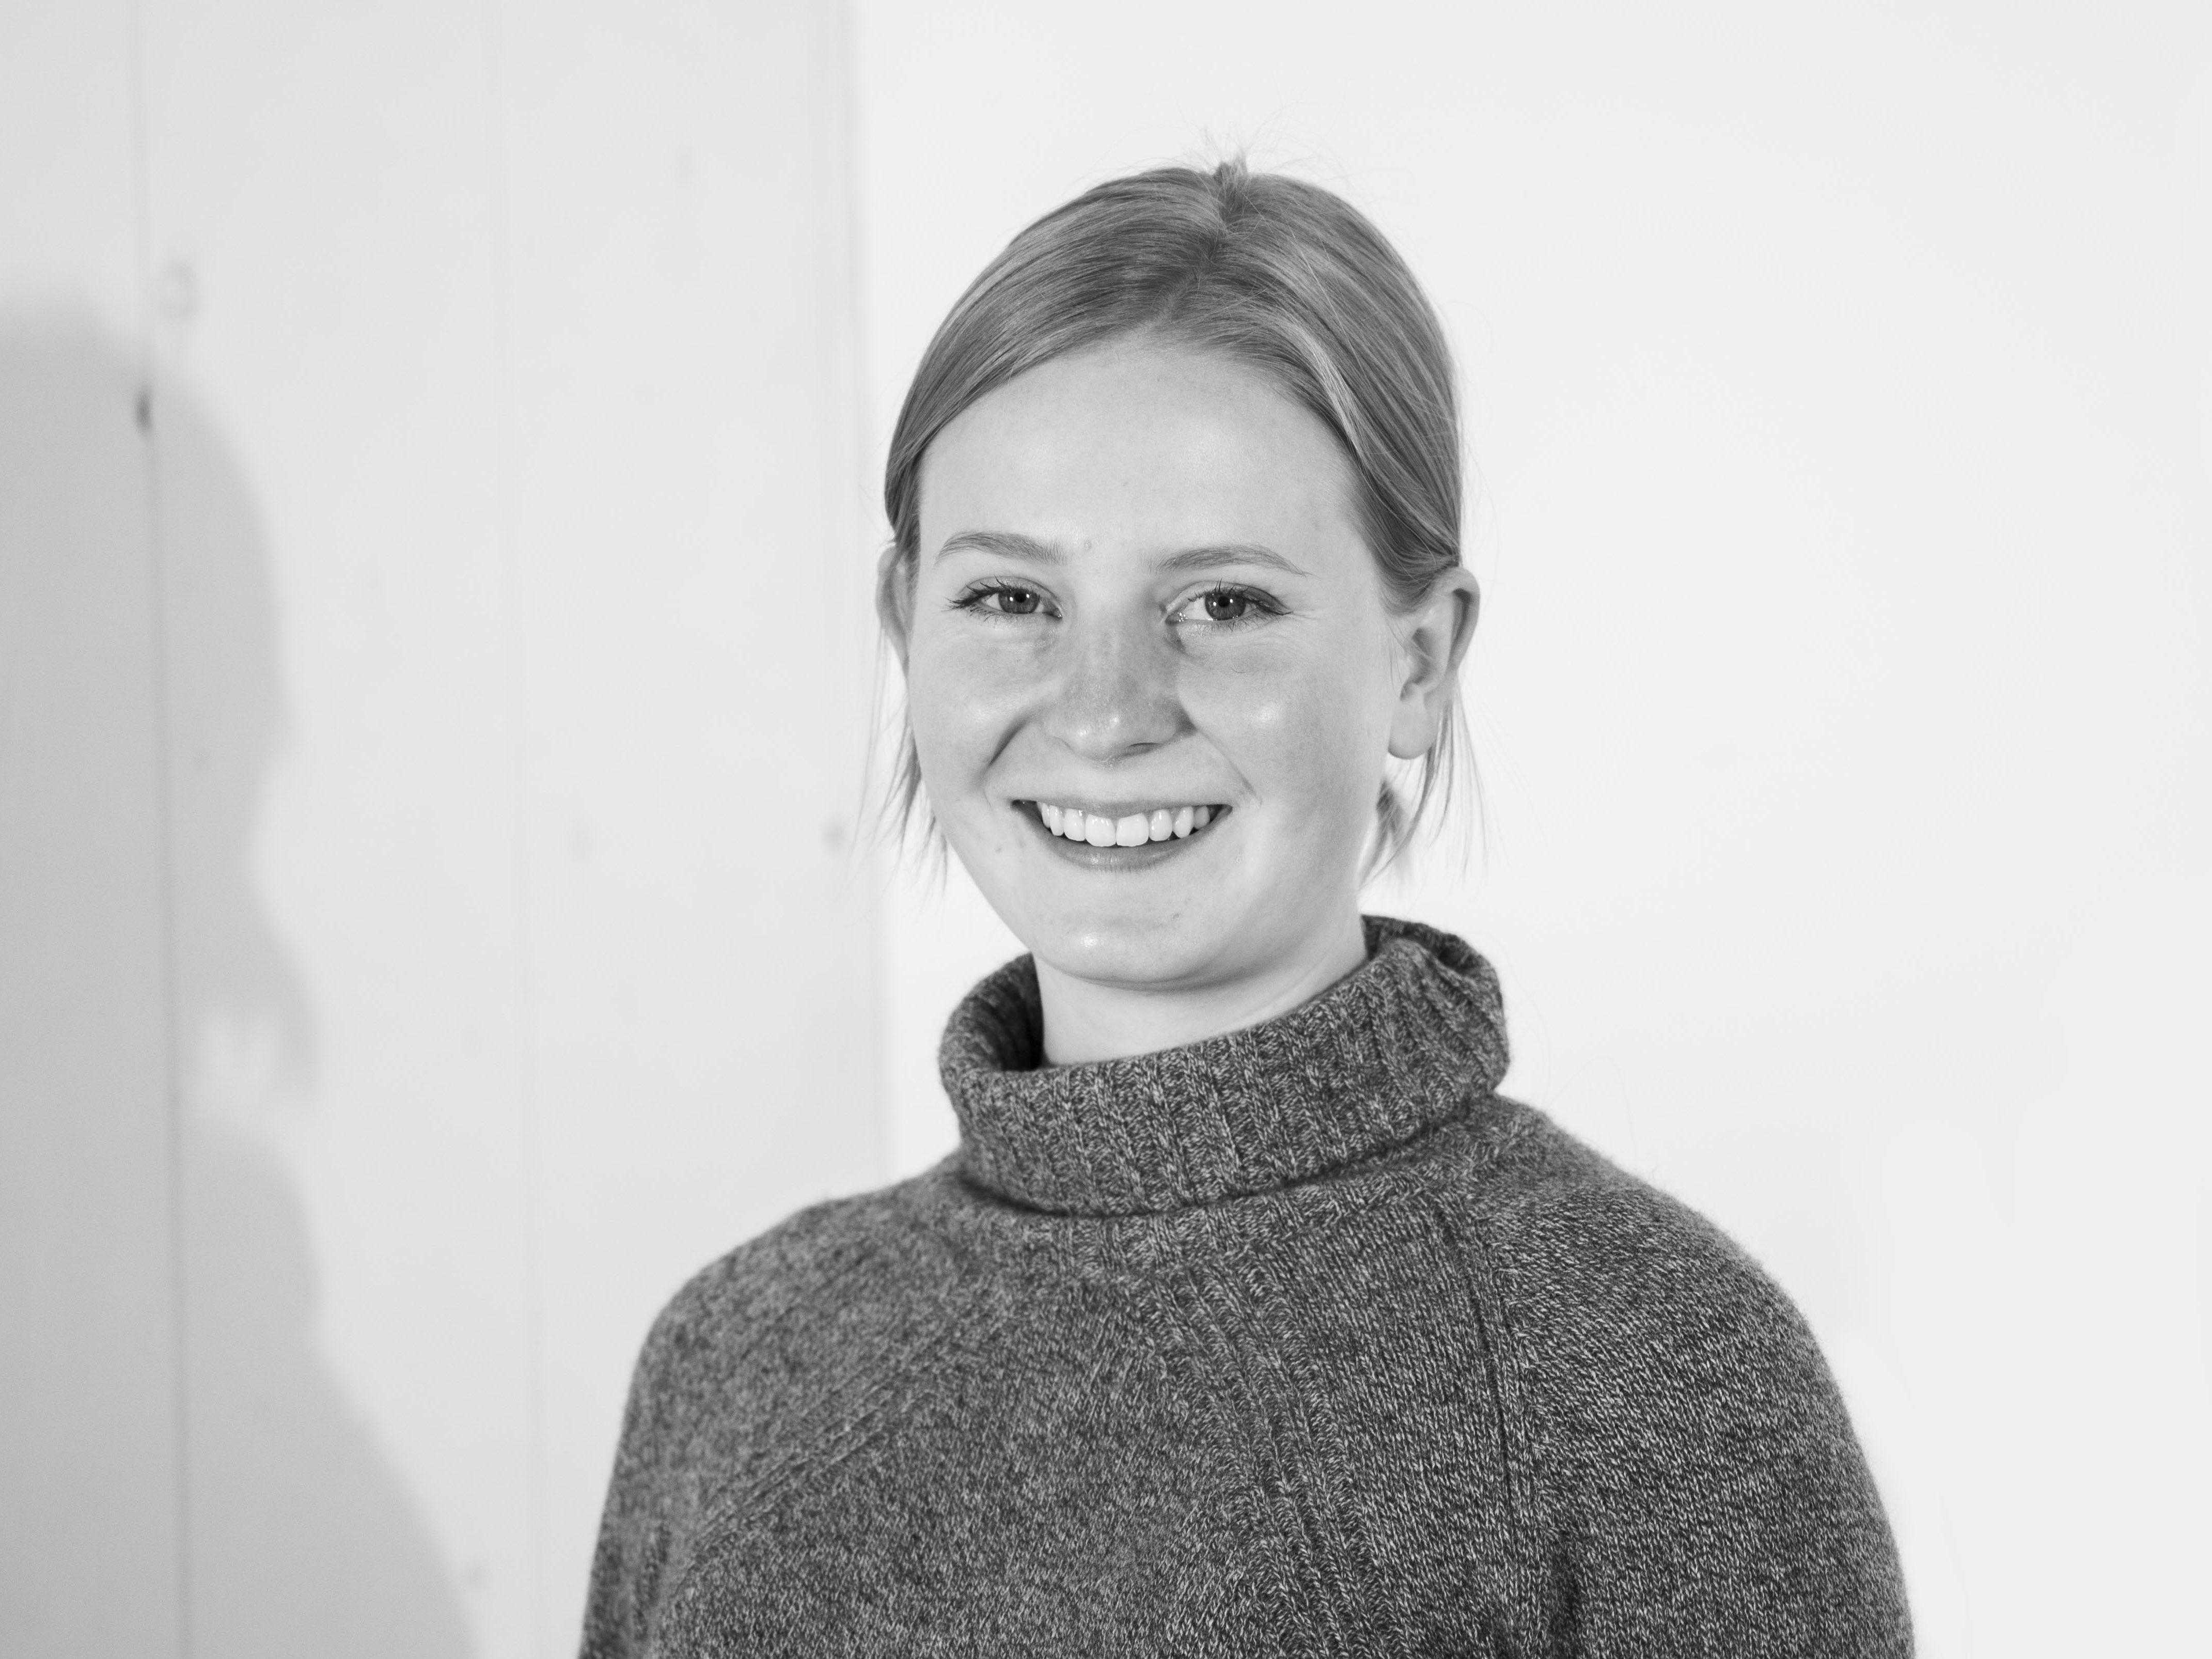 Annika Weinand